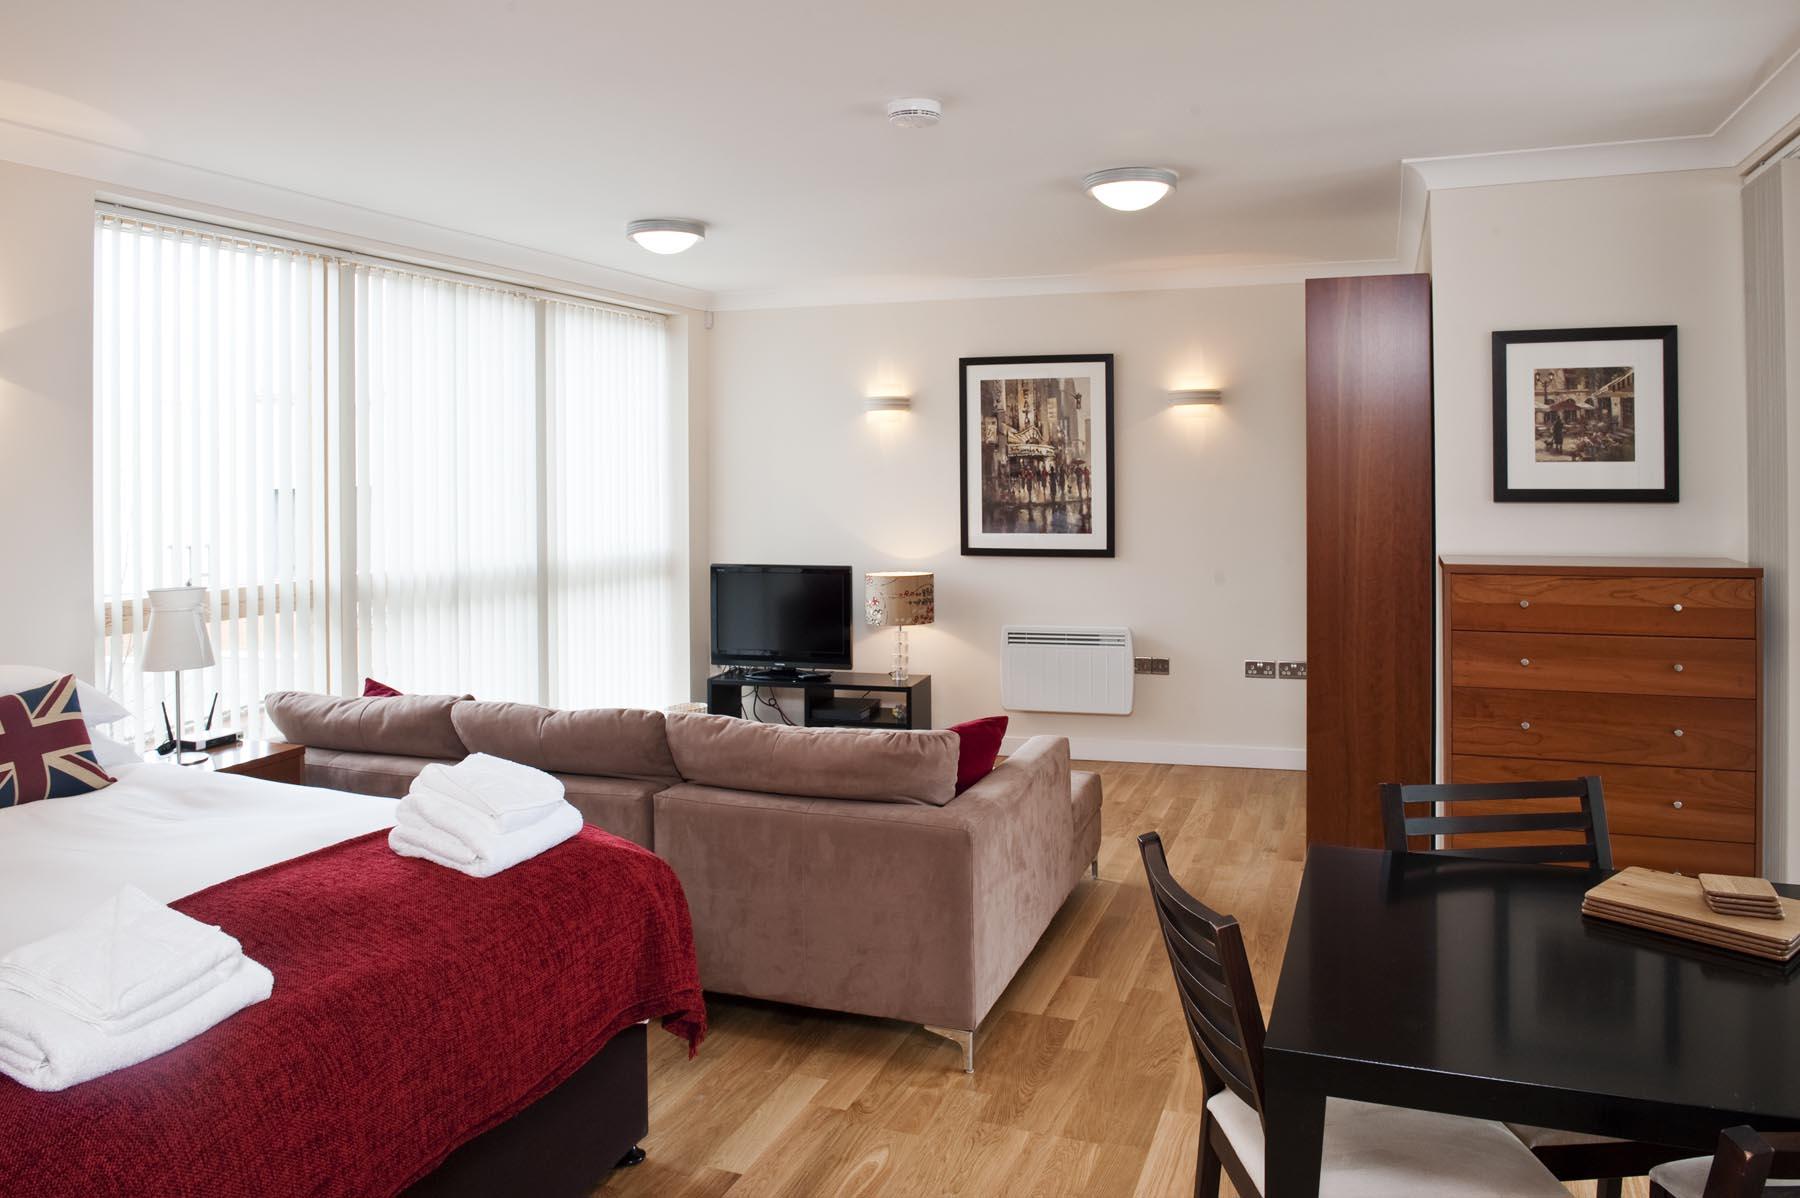 Совмещенная гостиная и спальня расстановка мебели